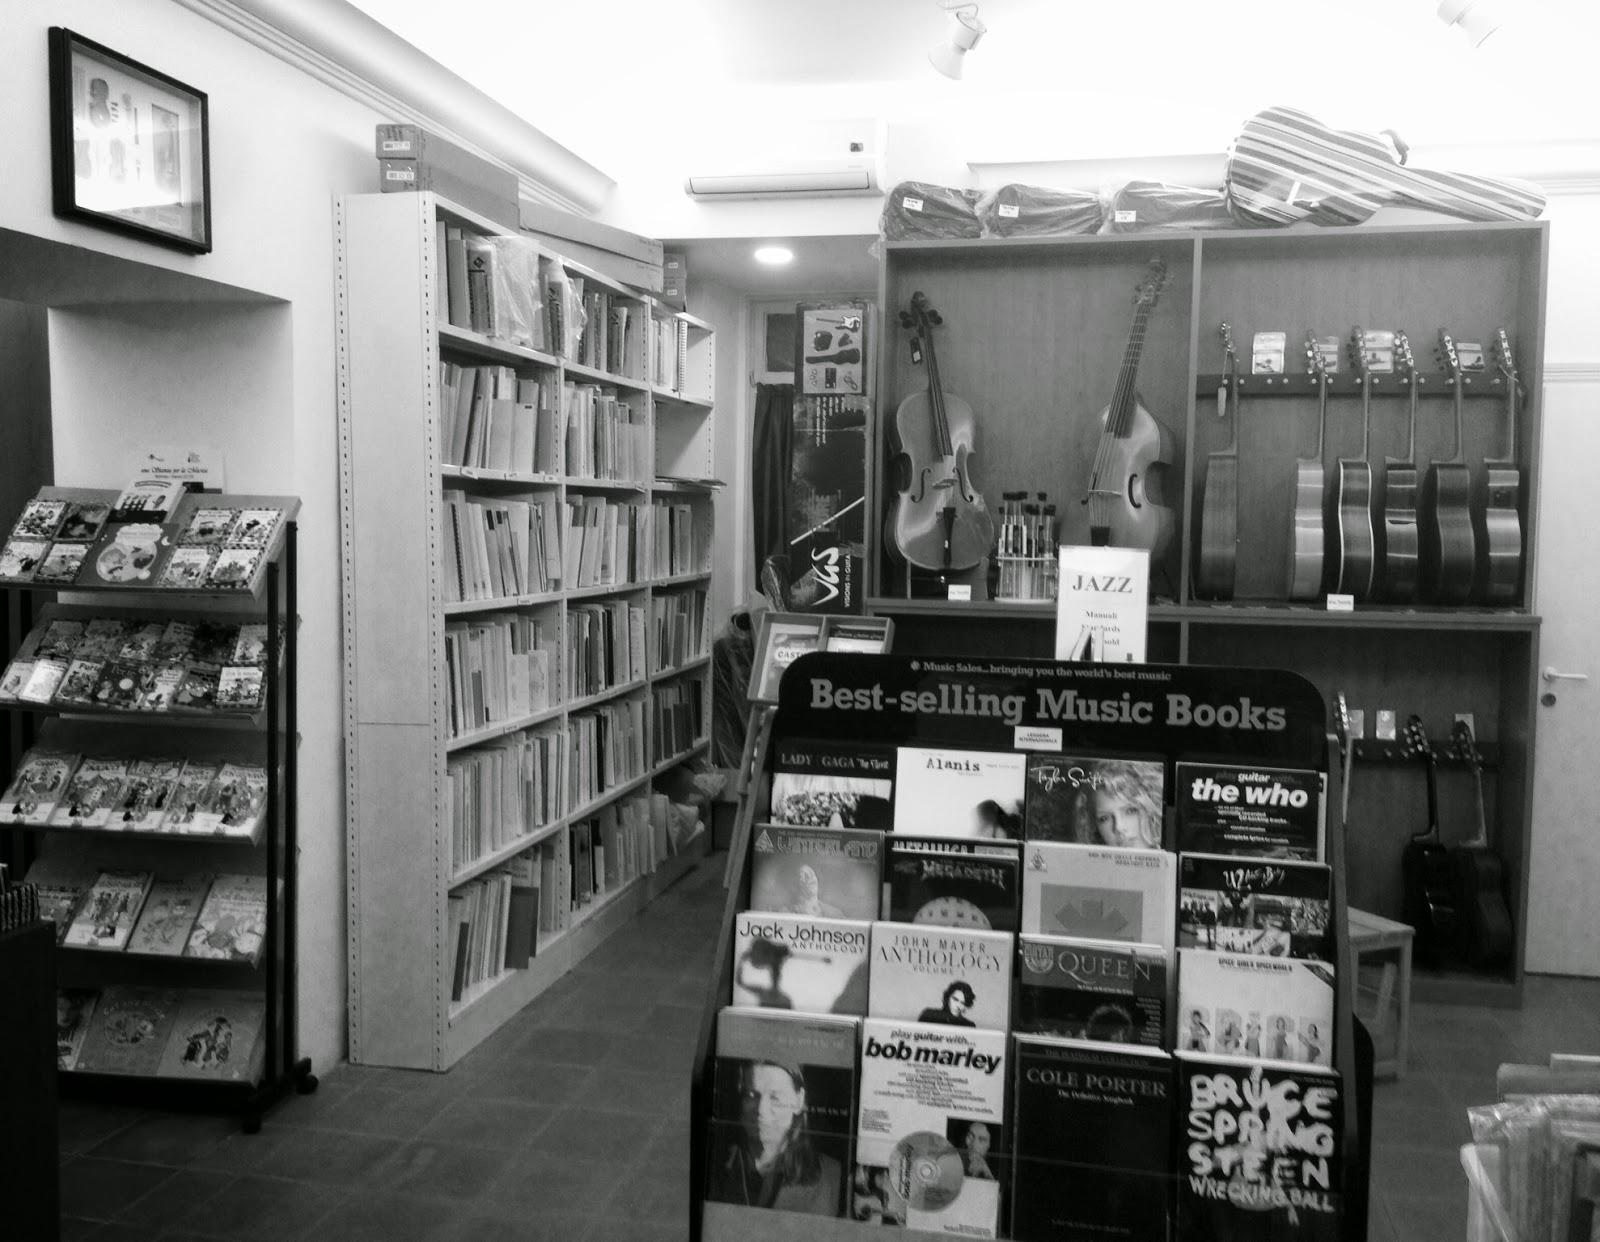 Libreria A Porta Di Roma le migliori librerie di roma – parte quinta: la stanza della